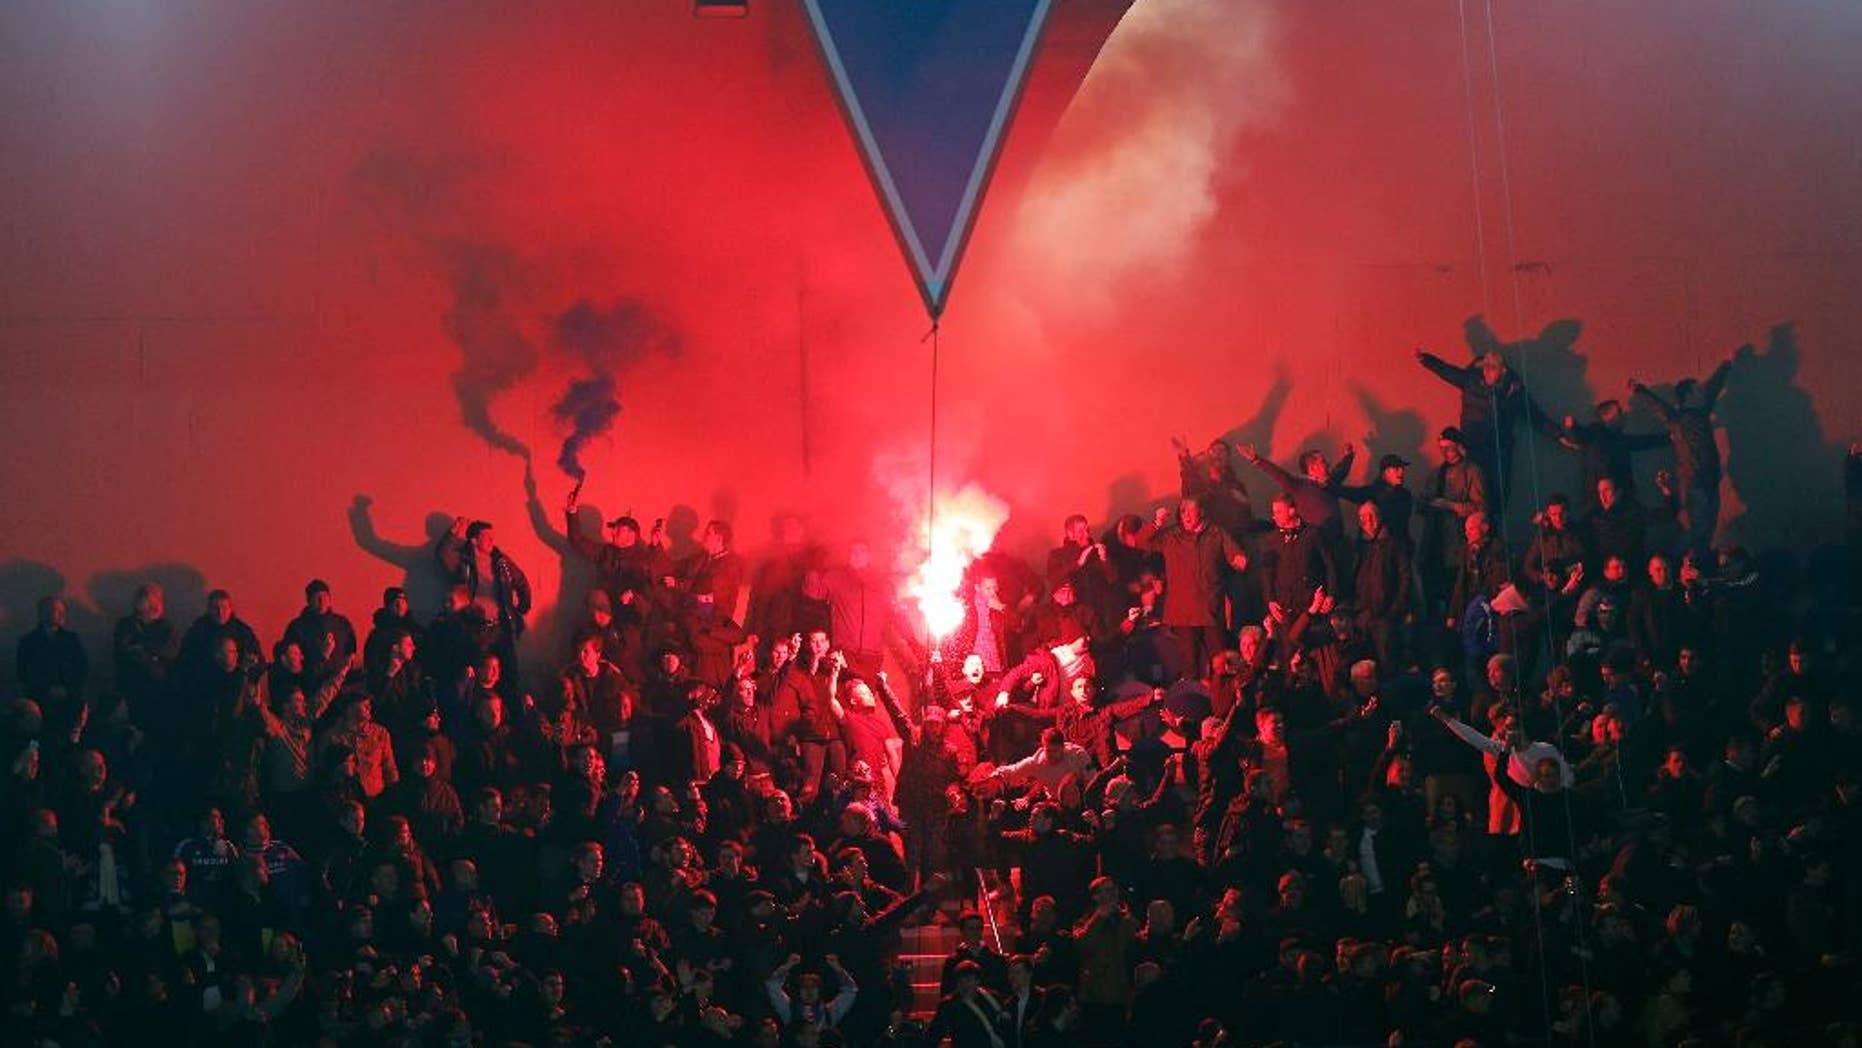 Hinchas de PSG encienden bengalas durante un partido contra Chelsea por la Liga de Campeones el martes, 17 de febrero de 2015, en París. (AP Photo/Christophe Ena)